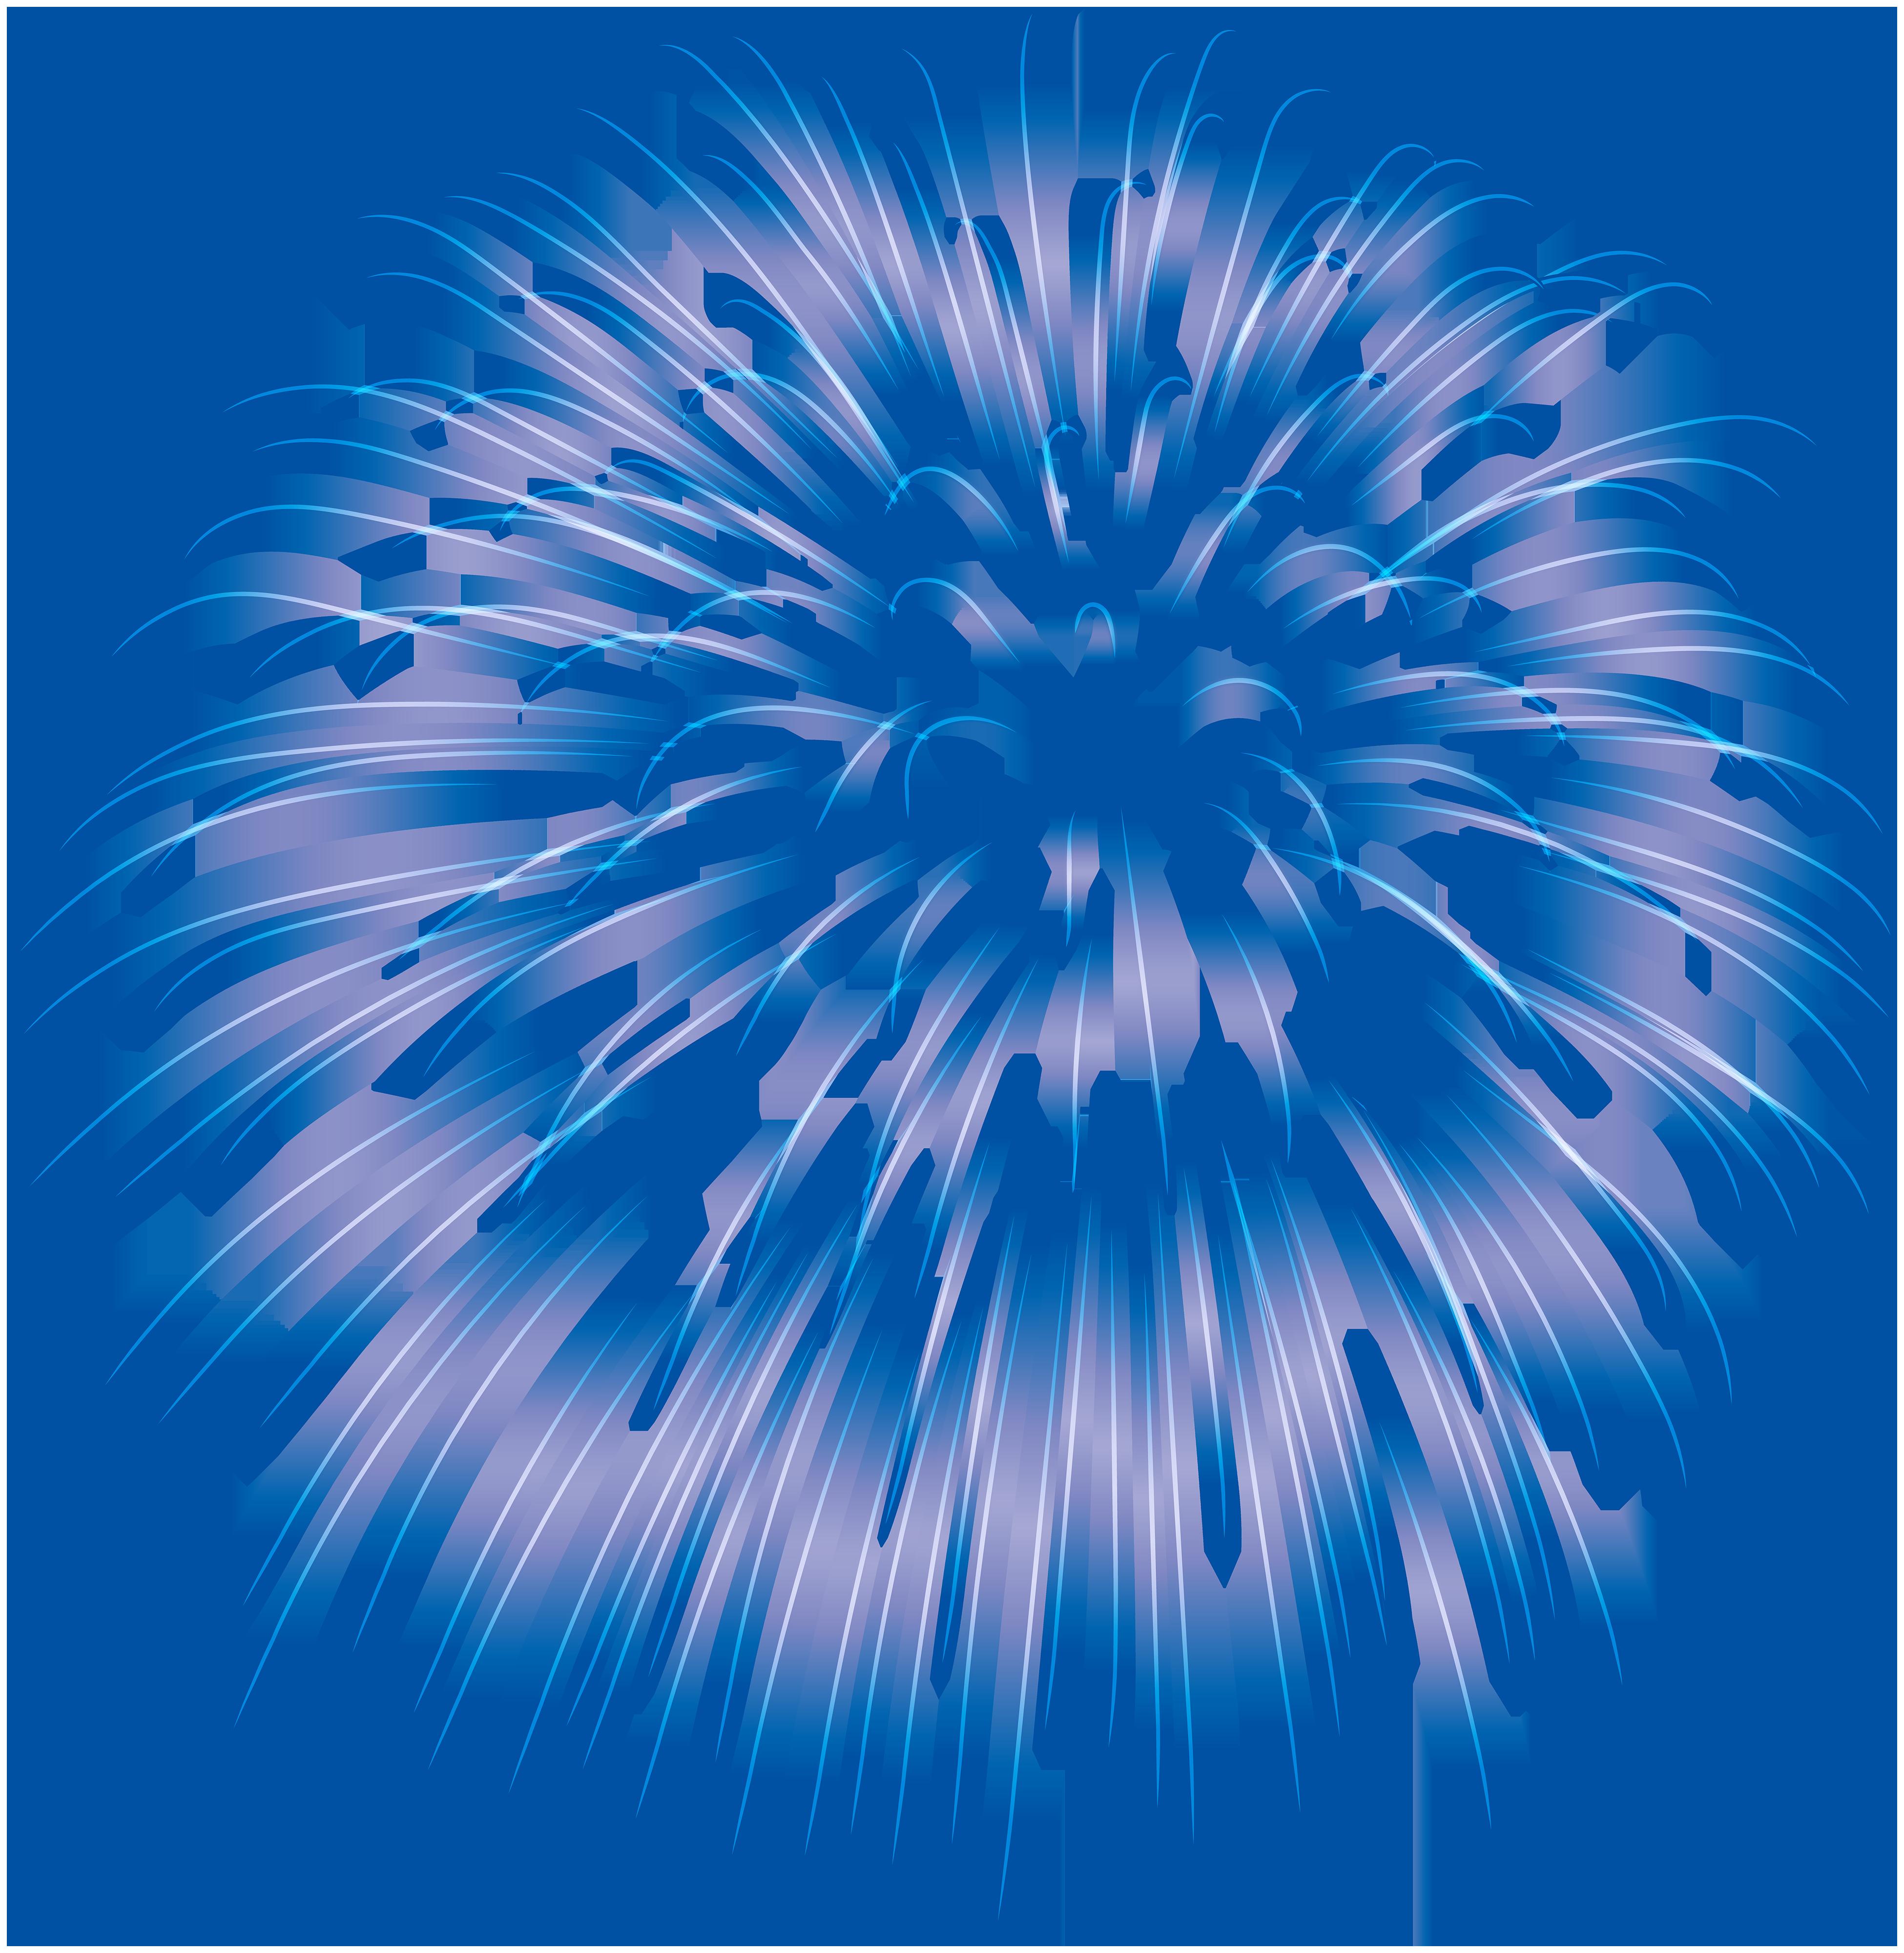 Clipart fireworks black background. Firework blue transparent png